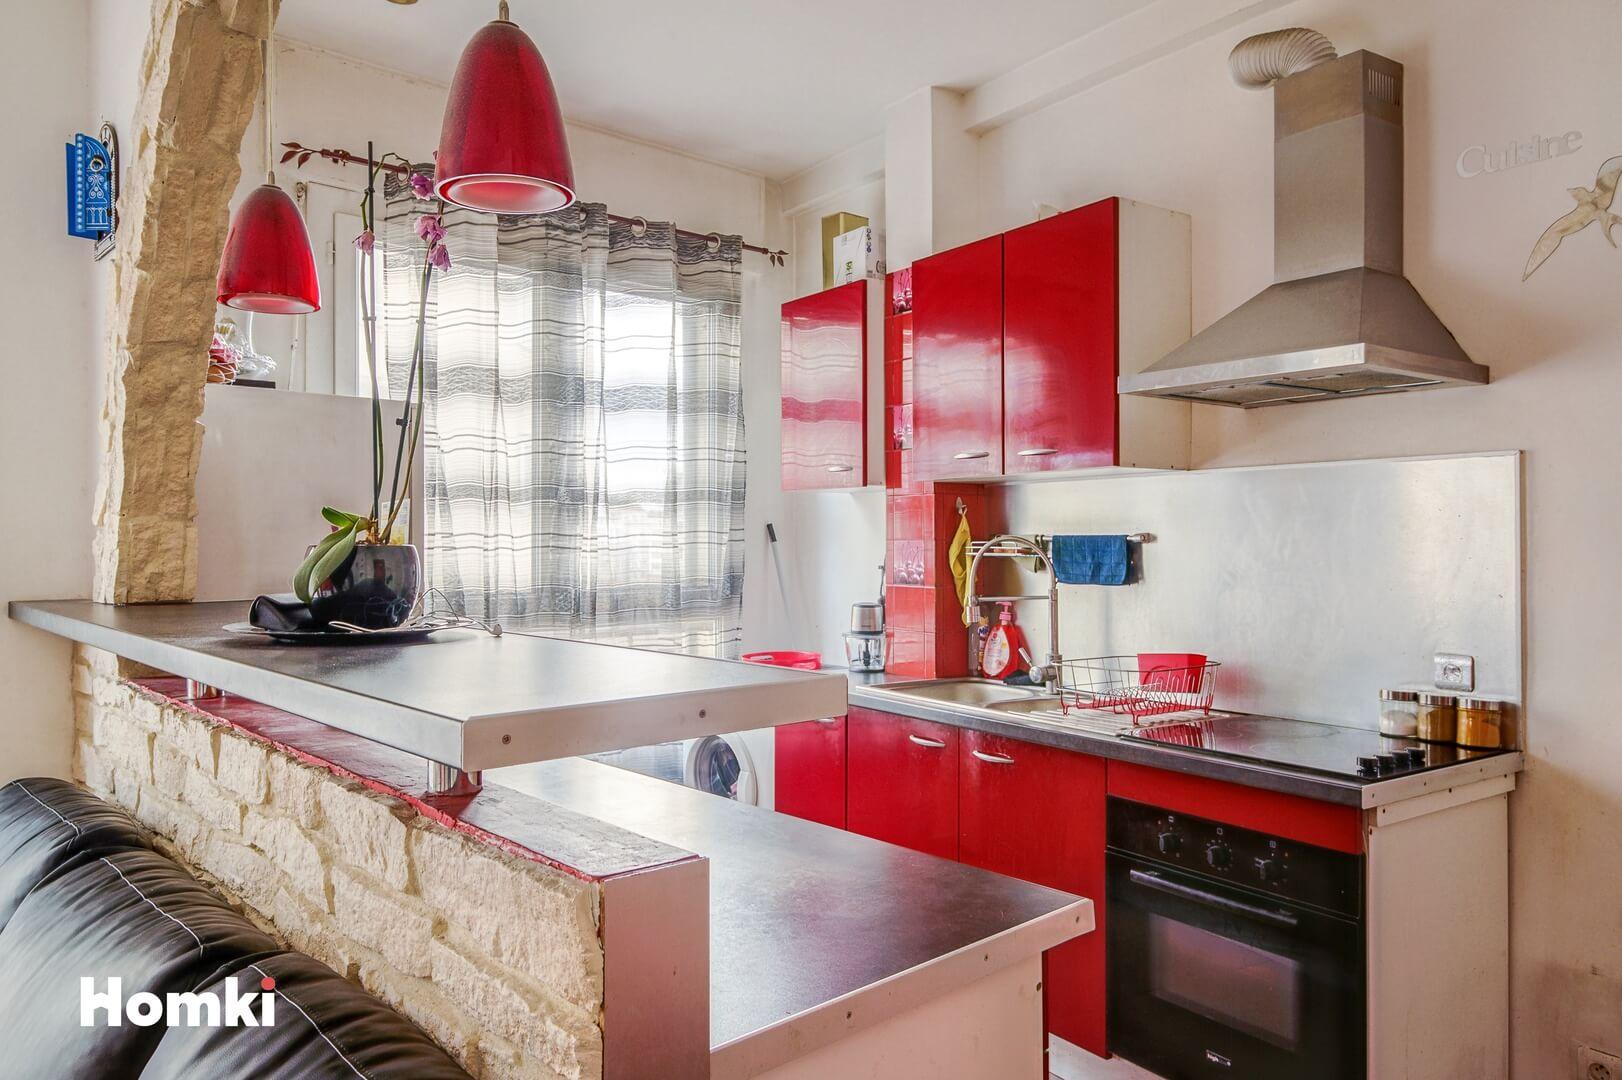 Homki - Vente Appartement  de 47.0 m² à Marseille 13004